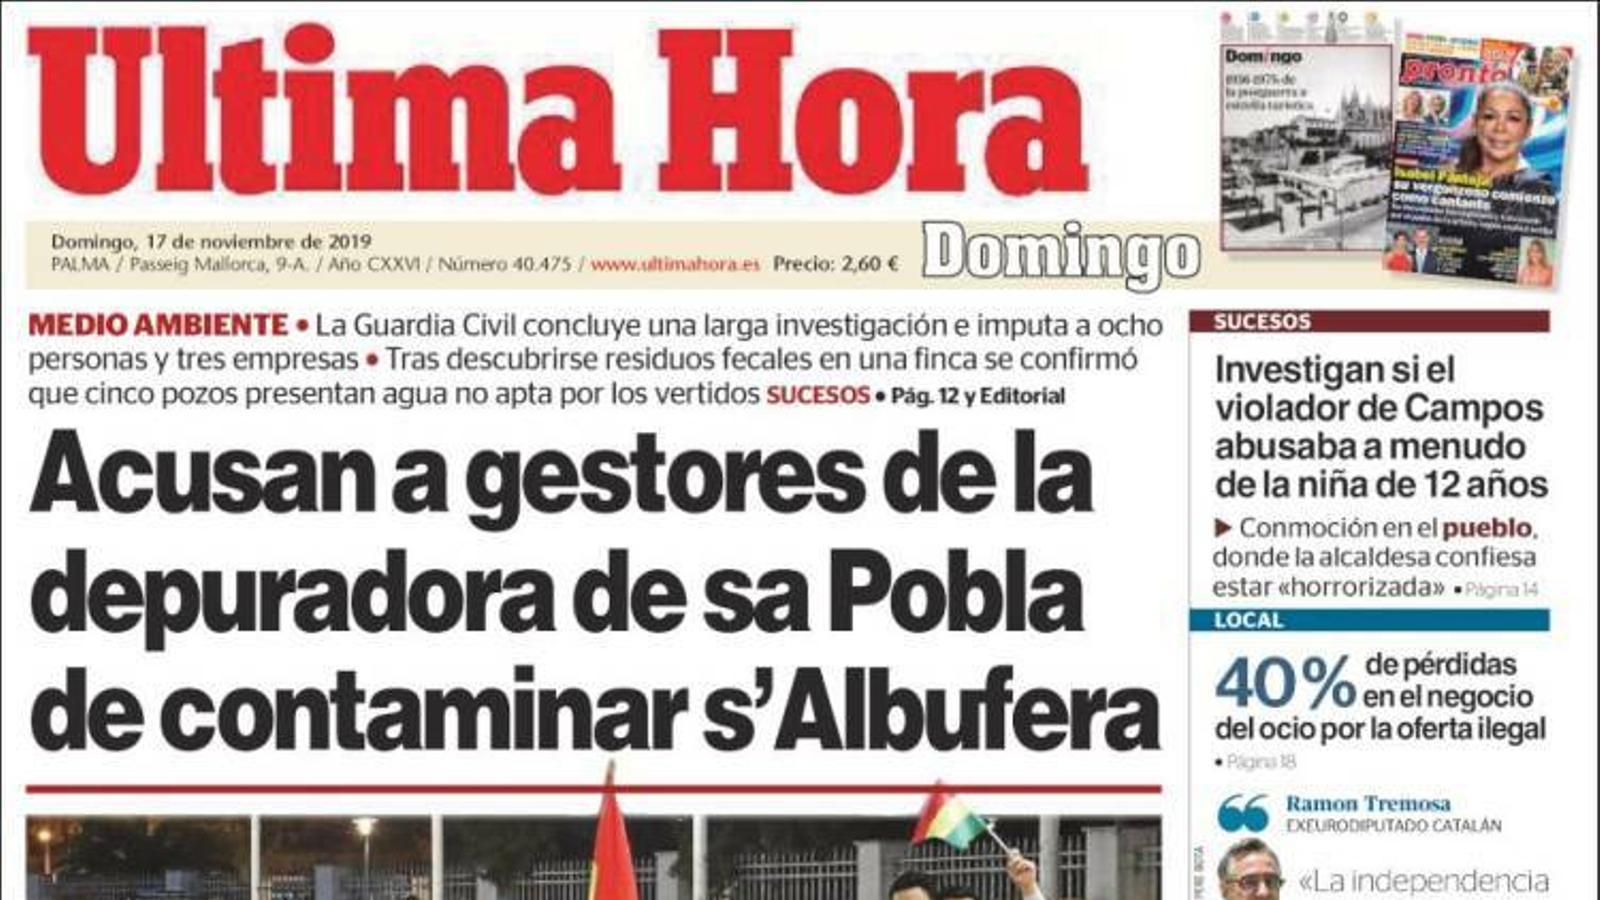 """""""Acusen els gestors de la depuradora de sa Pobla de contaminar l'Albufera"""", a la portada de l''Última Hora'"""